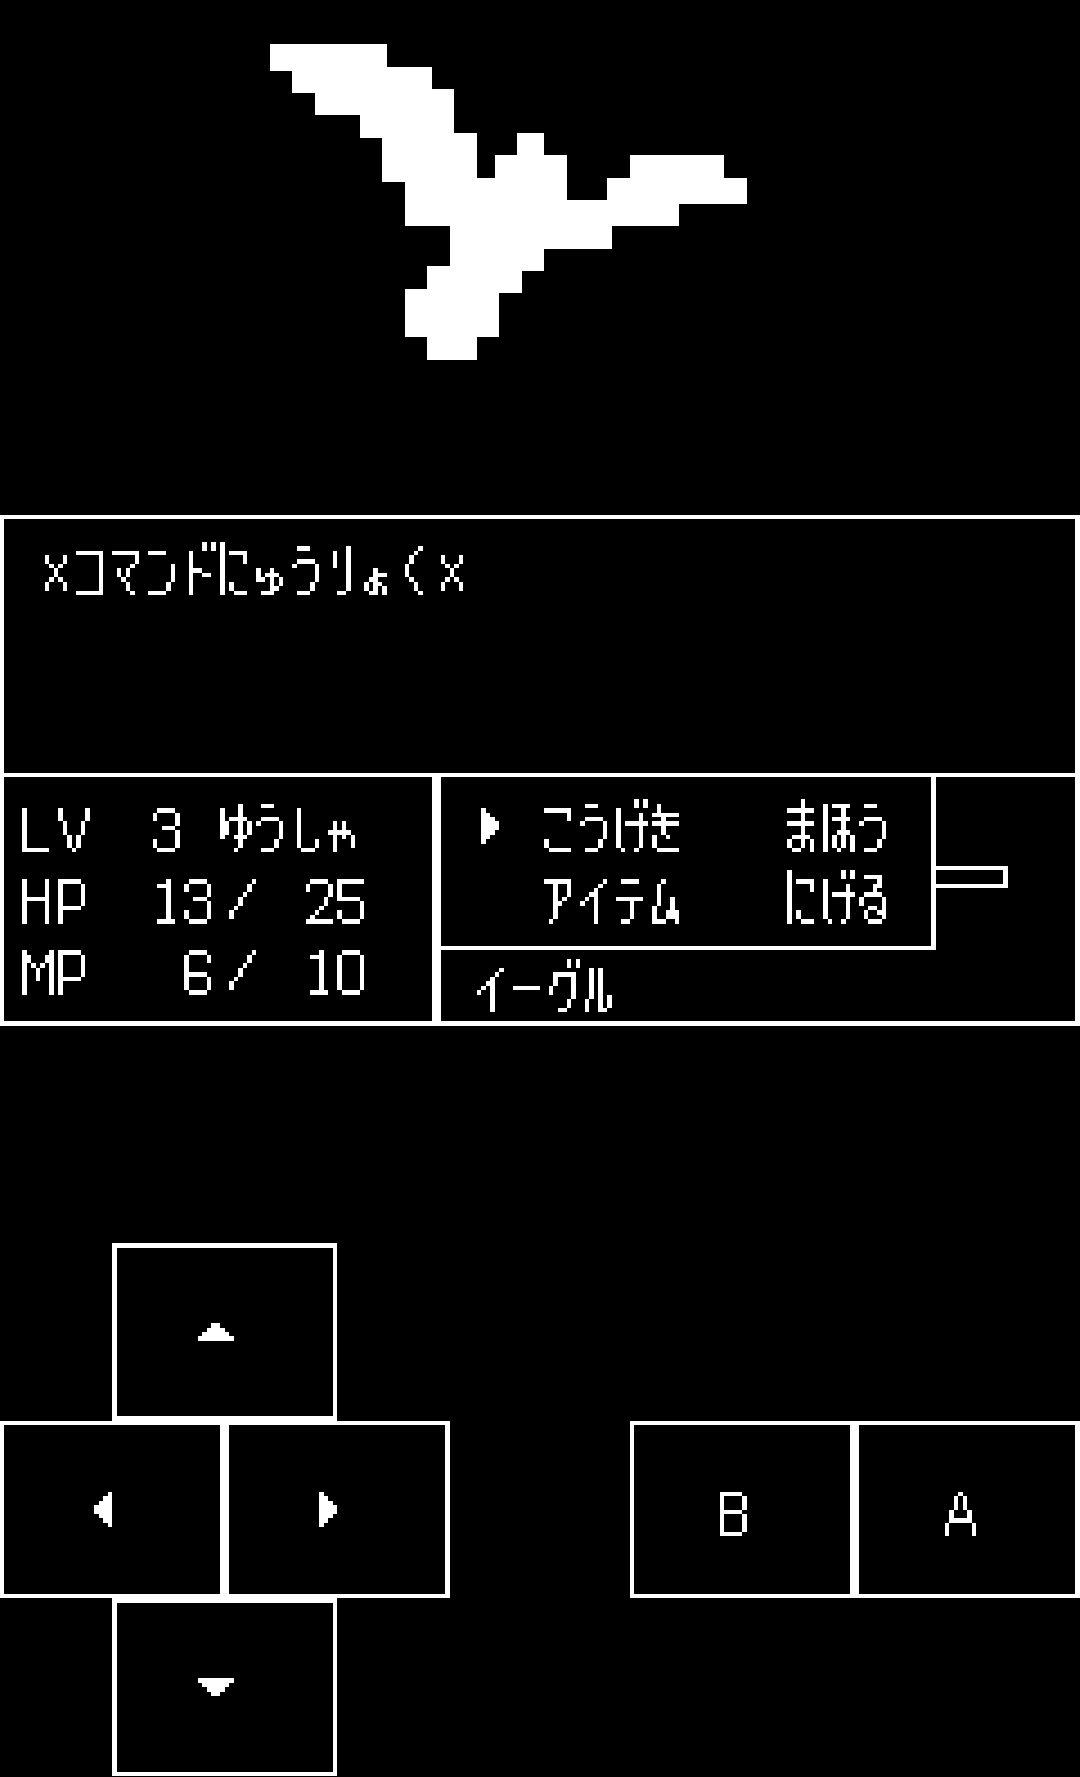 シャドウ オブ ガーディアン(Shadow of guardian) androidアプリスクリーンショット1